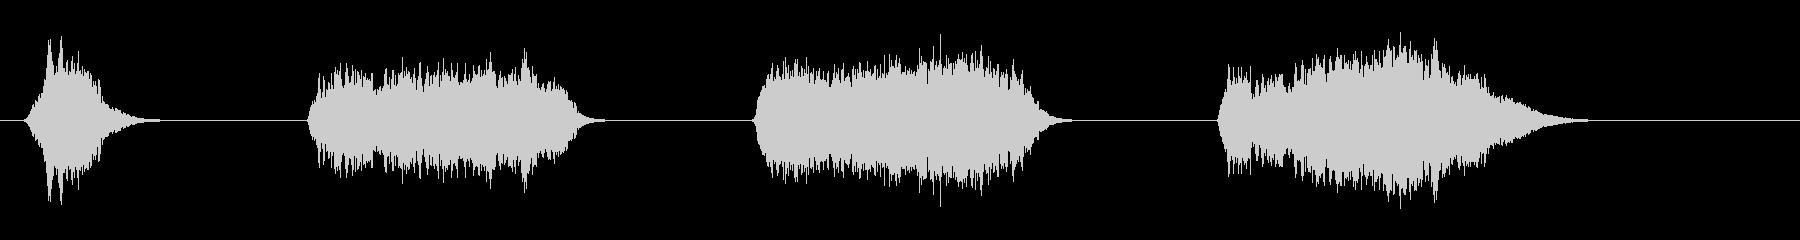 ホイッスル-落下-4バージョンの未再生の波形